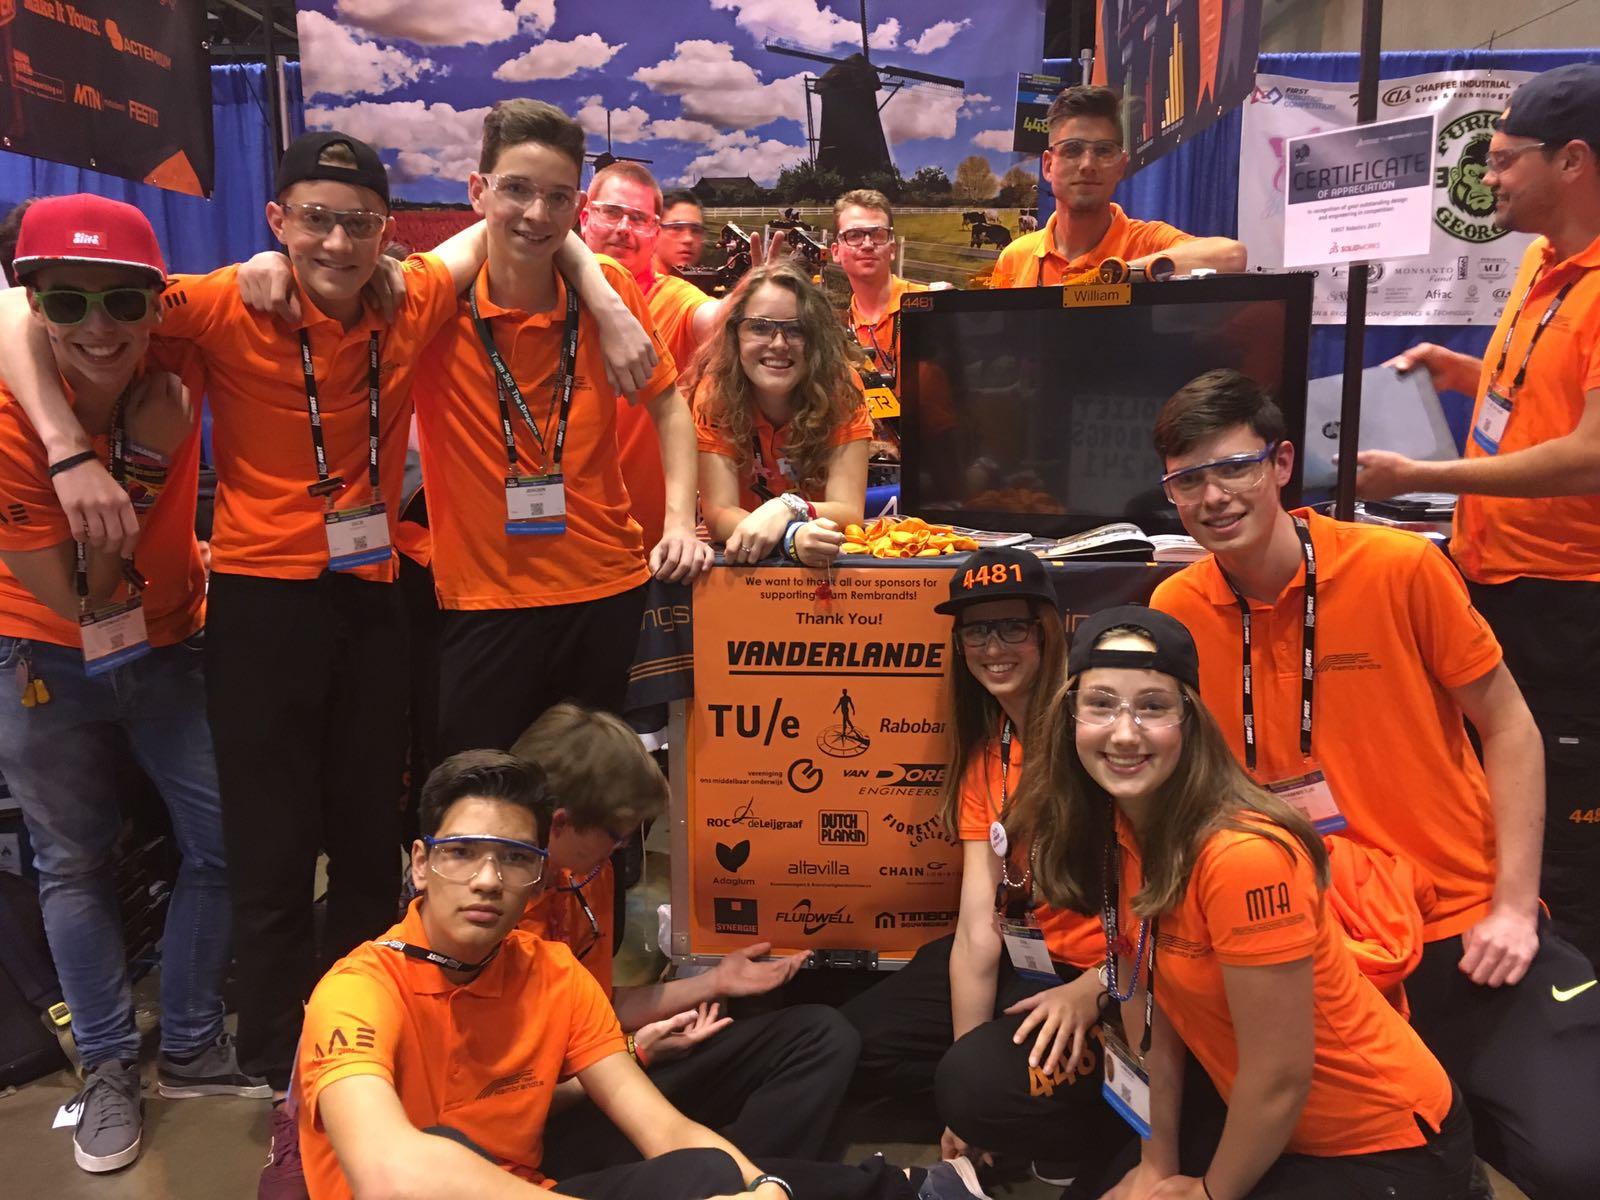 Kwartfinale voor roboticateam Zwijsen - Meierijstad